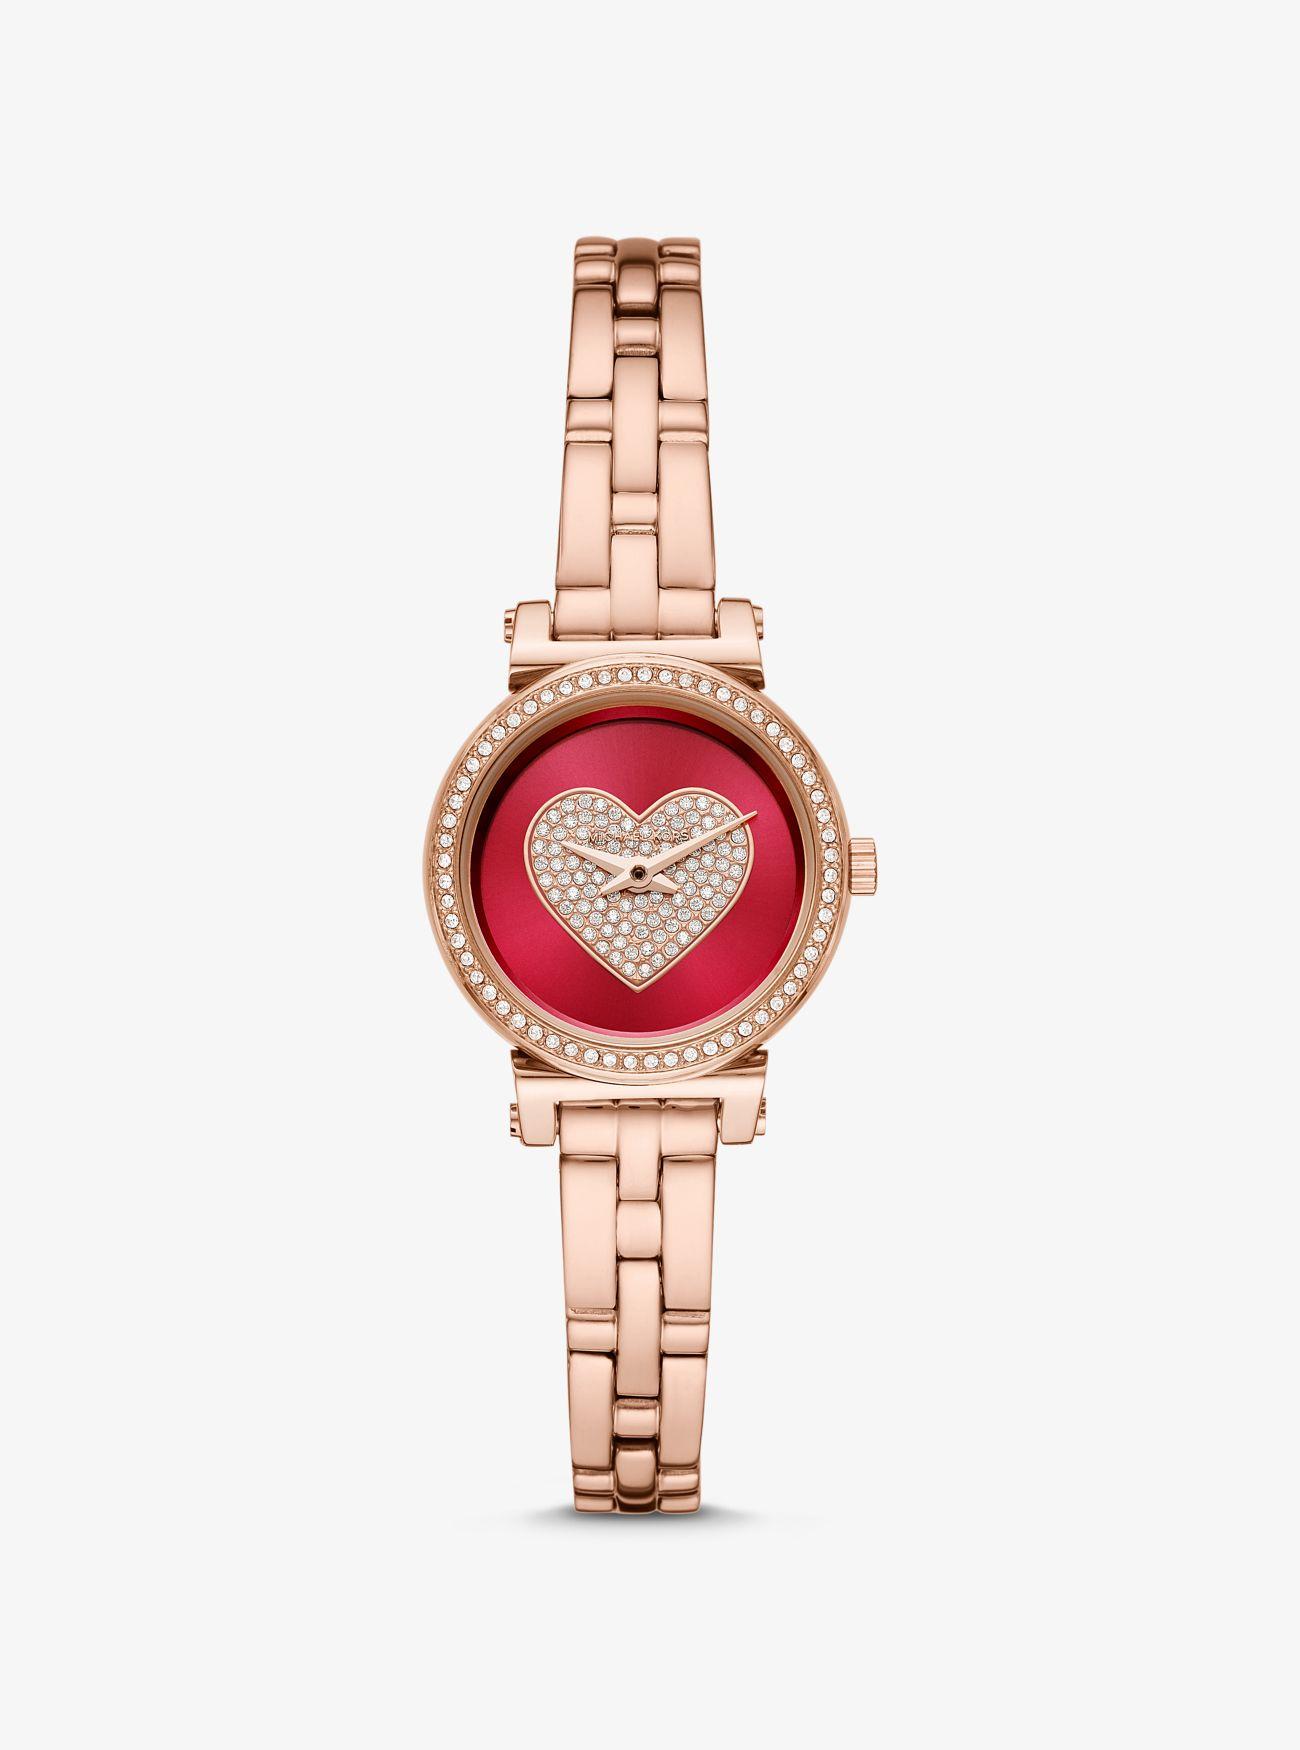 Reloj Sofie petite en tono dorado rosa con corazón